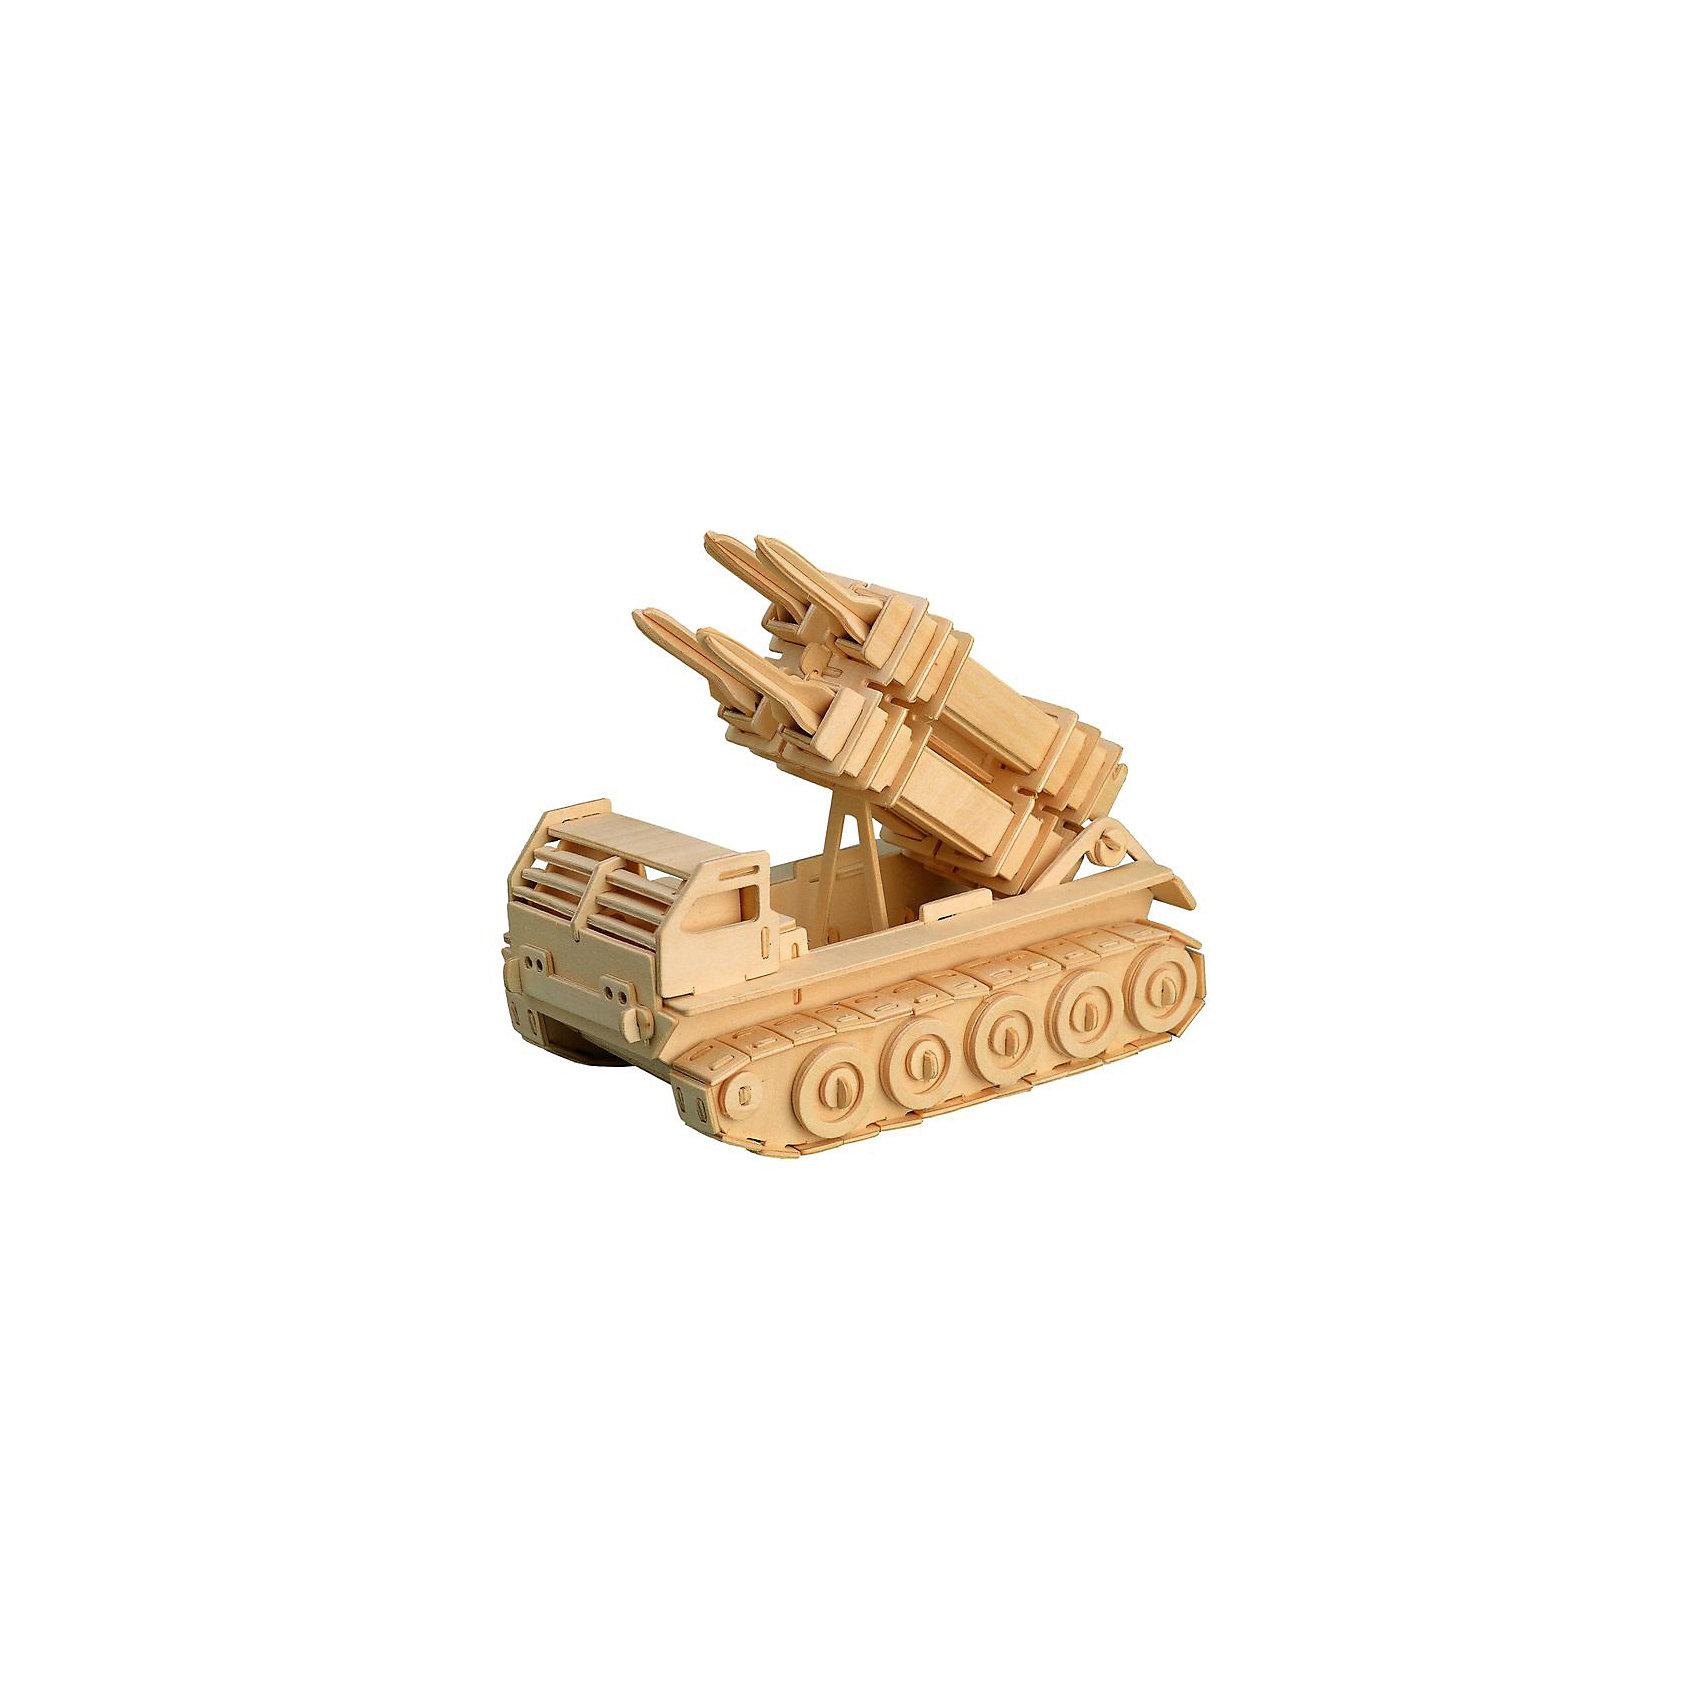 Ракетная установка, Мир деревянных игрушекДеревянные конструкторы<br>Отличный вариант подарка для любящего военную технику творческого ребенка - этот набор, из которого можно самому сделать красивую деревянную фигуру! Для этого нужно выдавить из пластины с деталями элементы для сборки и соединить их. Из наборов получаются красивые очень реалистичные игрушки, которые могут стать украшением комнаты.<br>Собирая их, ребенок будет развивать пространственное мышление, память и мелкую моторику. А раскрашивая готовое произведение, дети научатся подбирать цвета и будут развивать художественные навыки. Этот набор произведен из качественных и безопасных для детей материалов - дерево тщательно обработано.<br><br>Дополнительная информация:<br><br>материал: дерево;<br>цвет: бежевый;<br>элементы: пластины с деталями для сборки, схема сборки;<br>размер упаковки: 23 х 37 см.<br><br>3D-пазл Ракетная установка от бренда Мир деревянных игрушек можно купить в нашем магазине.<br><br>Ширина мм: 350<br>Глубина мм: 50<br>Высота мм: 225<br>Вес г: 450<br>Возраст от месяцев: 36<br>Возраст до месяцев: 144<br>Пол: Мужской<br>Возраст: Детский<br>SKU: 4969139